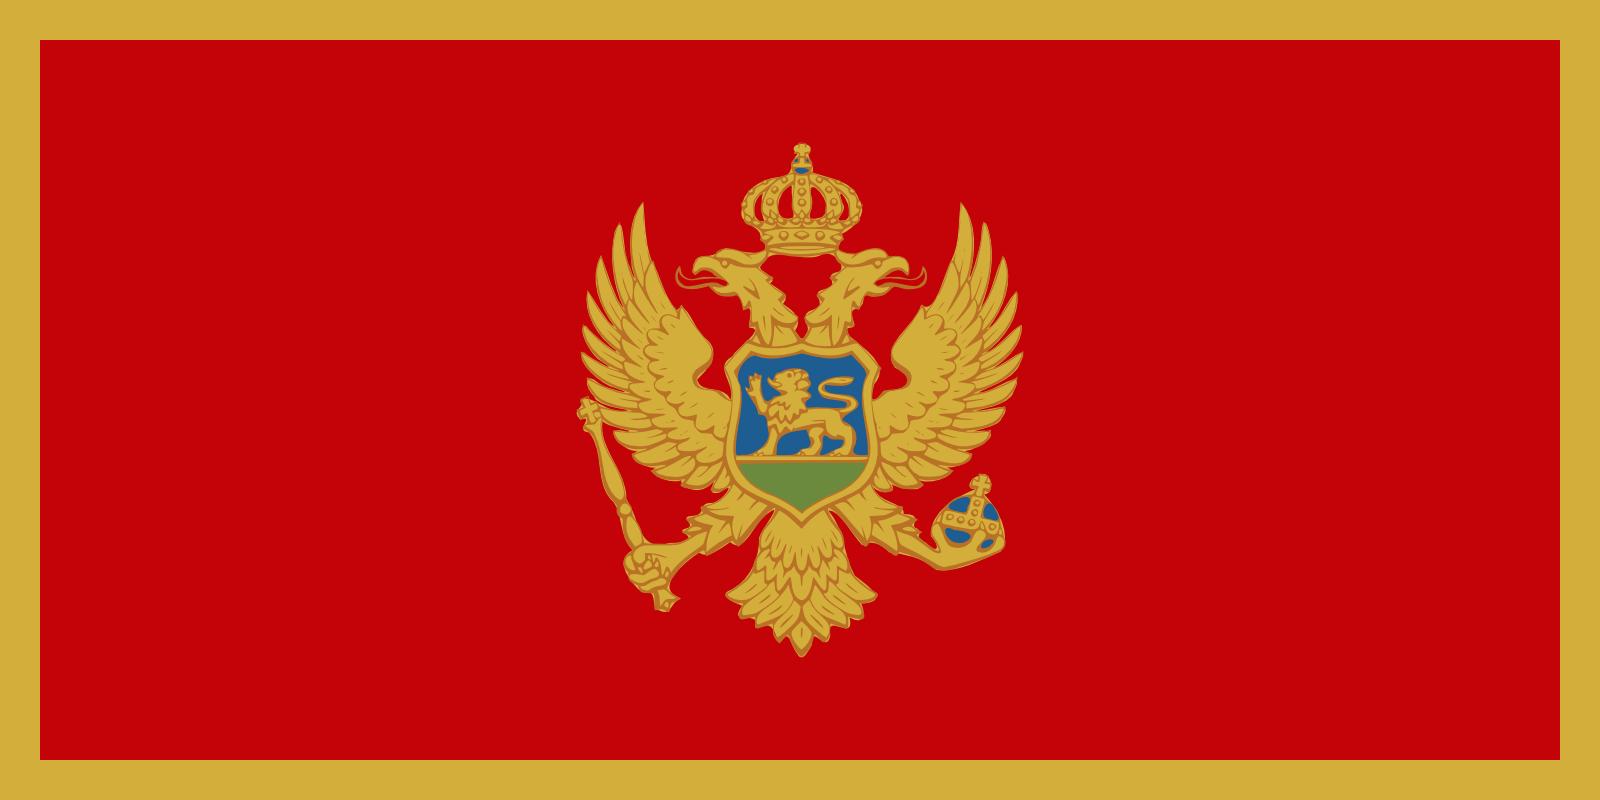 Протокол овступлении Черногории вНАТО ратифицировали 24 члена альянса